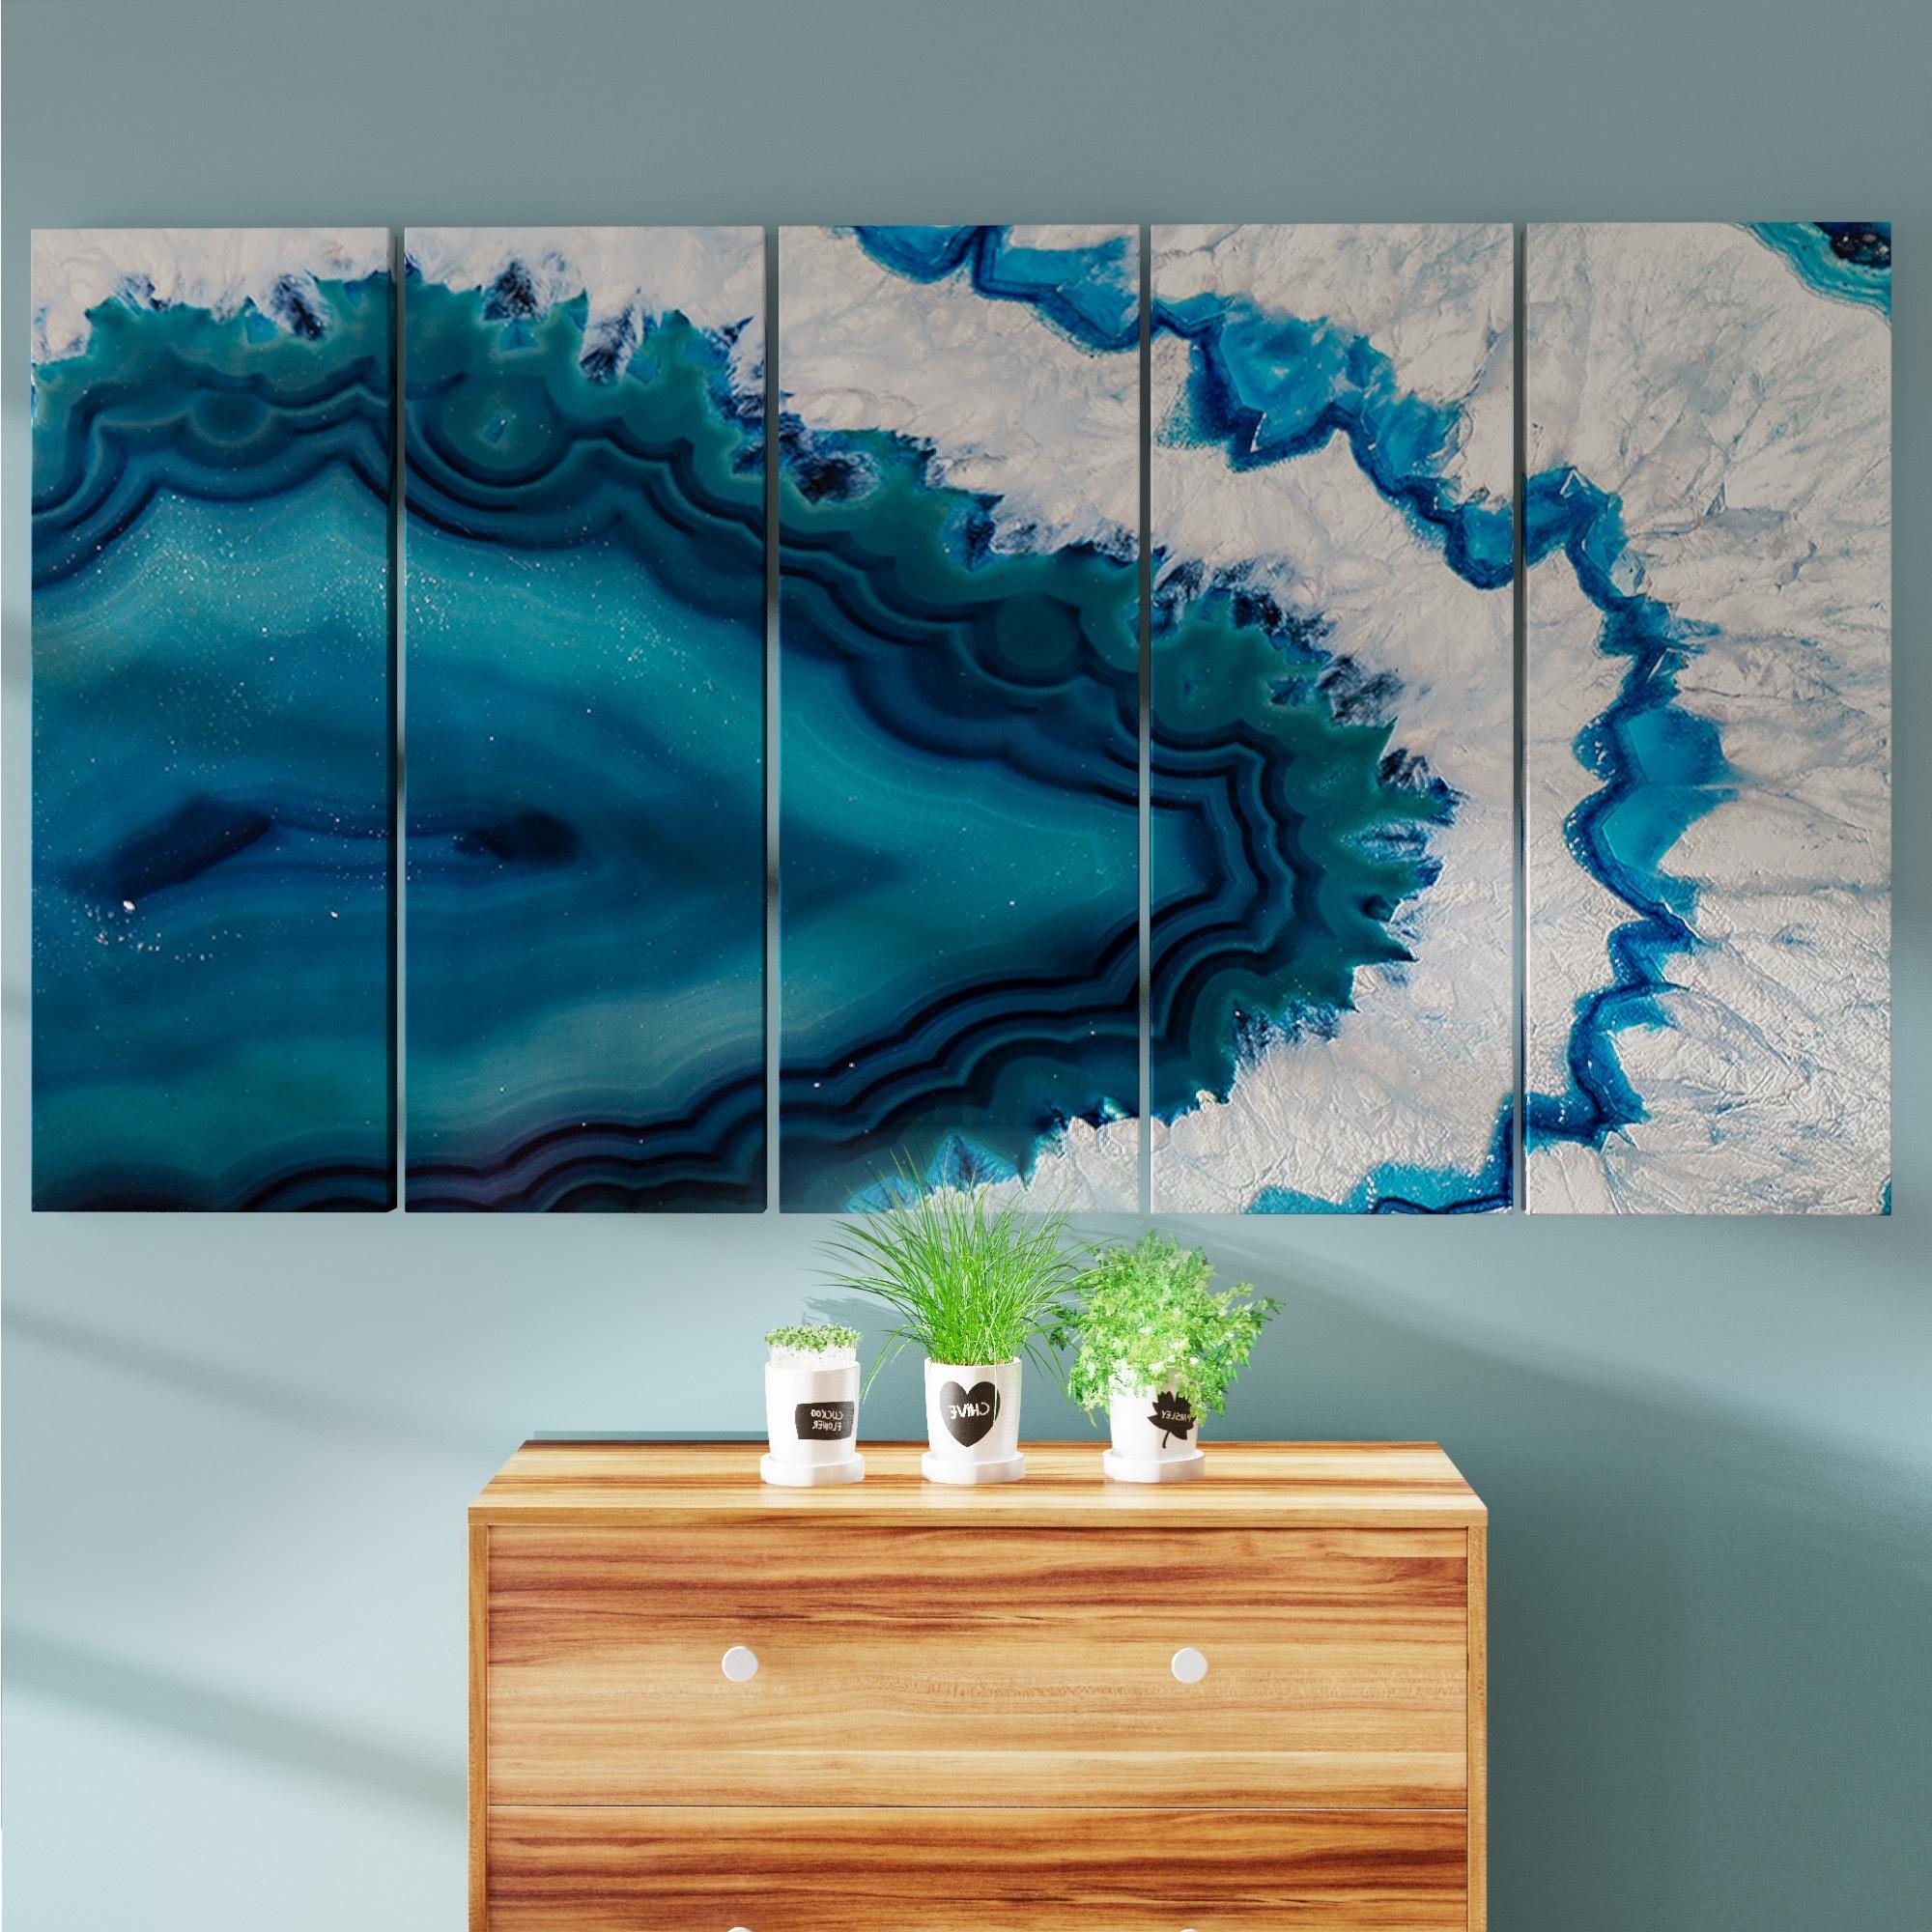 Popular Overstock Wall Art Throughout Shop Porch & Den Blue Brazilian Geode' Abstract Canvas Wall Art (View 7 of 15)